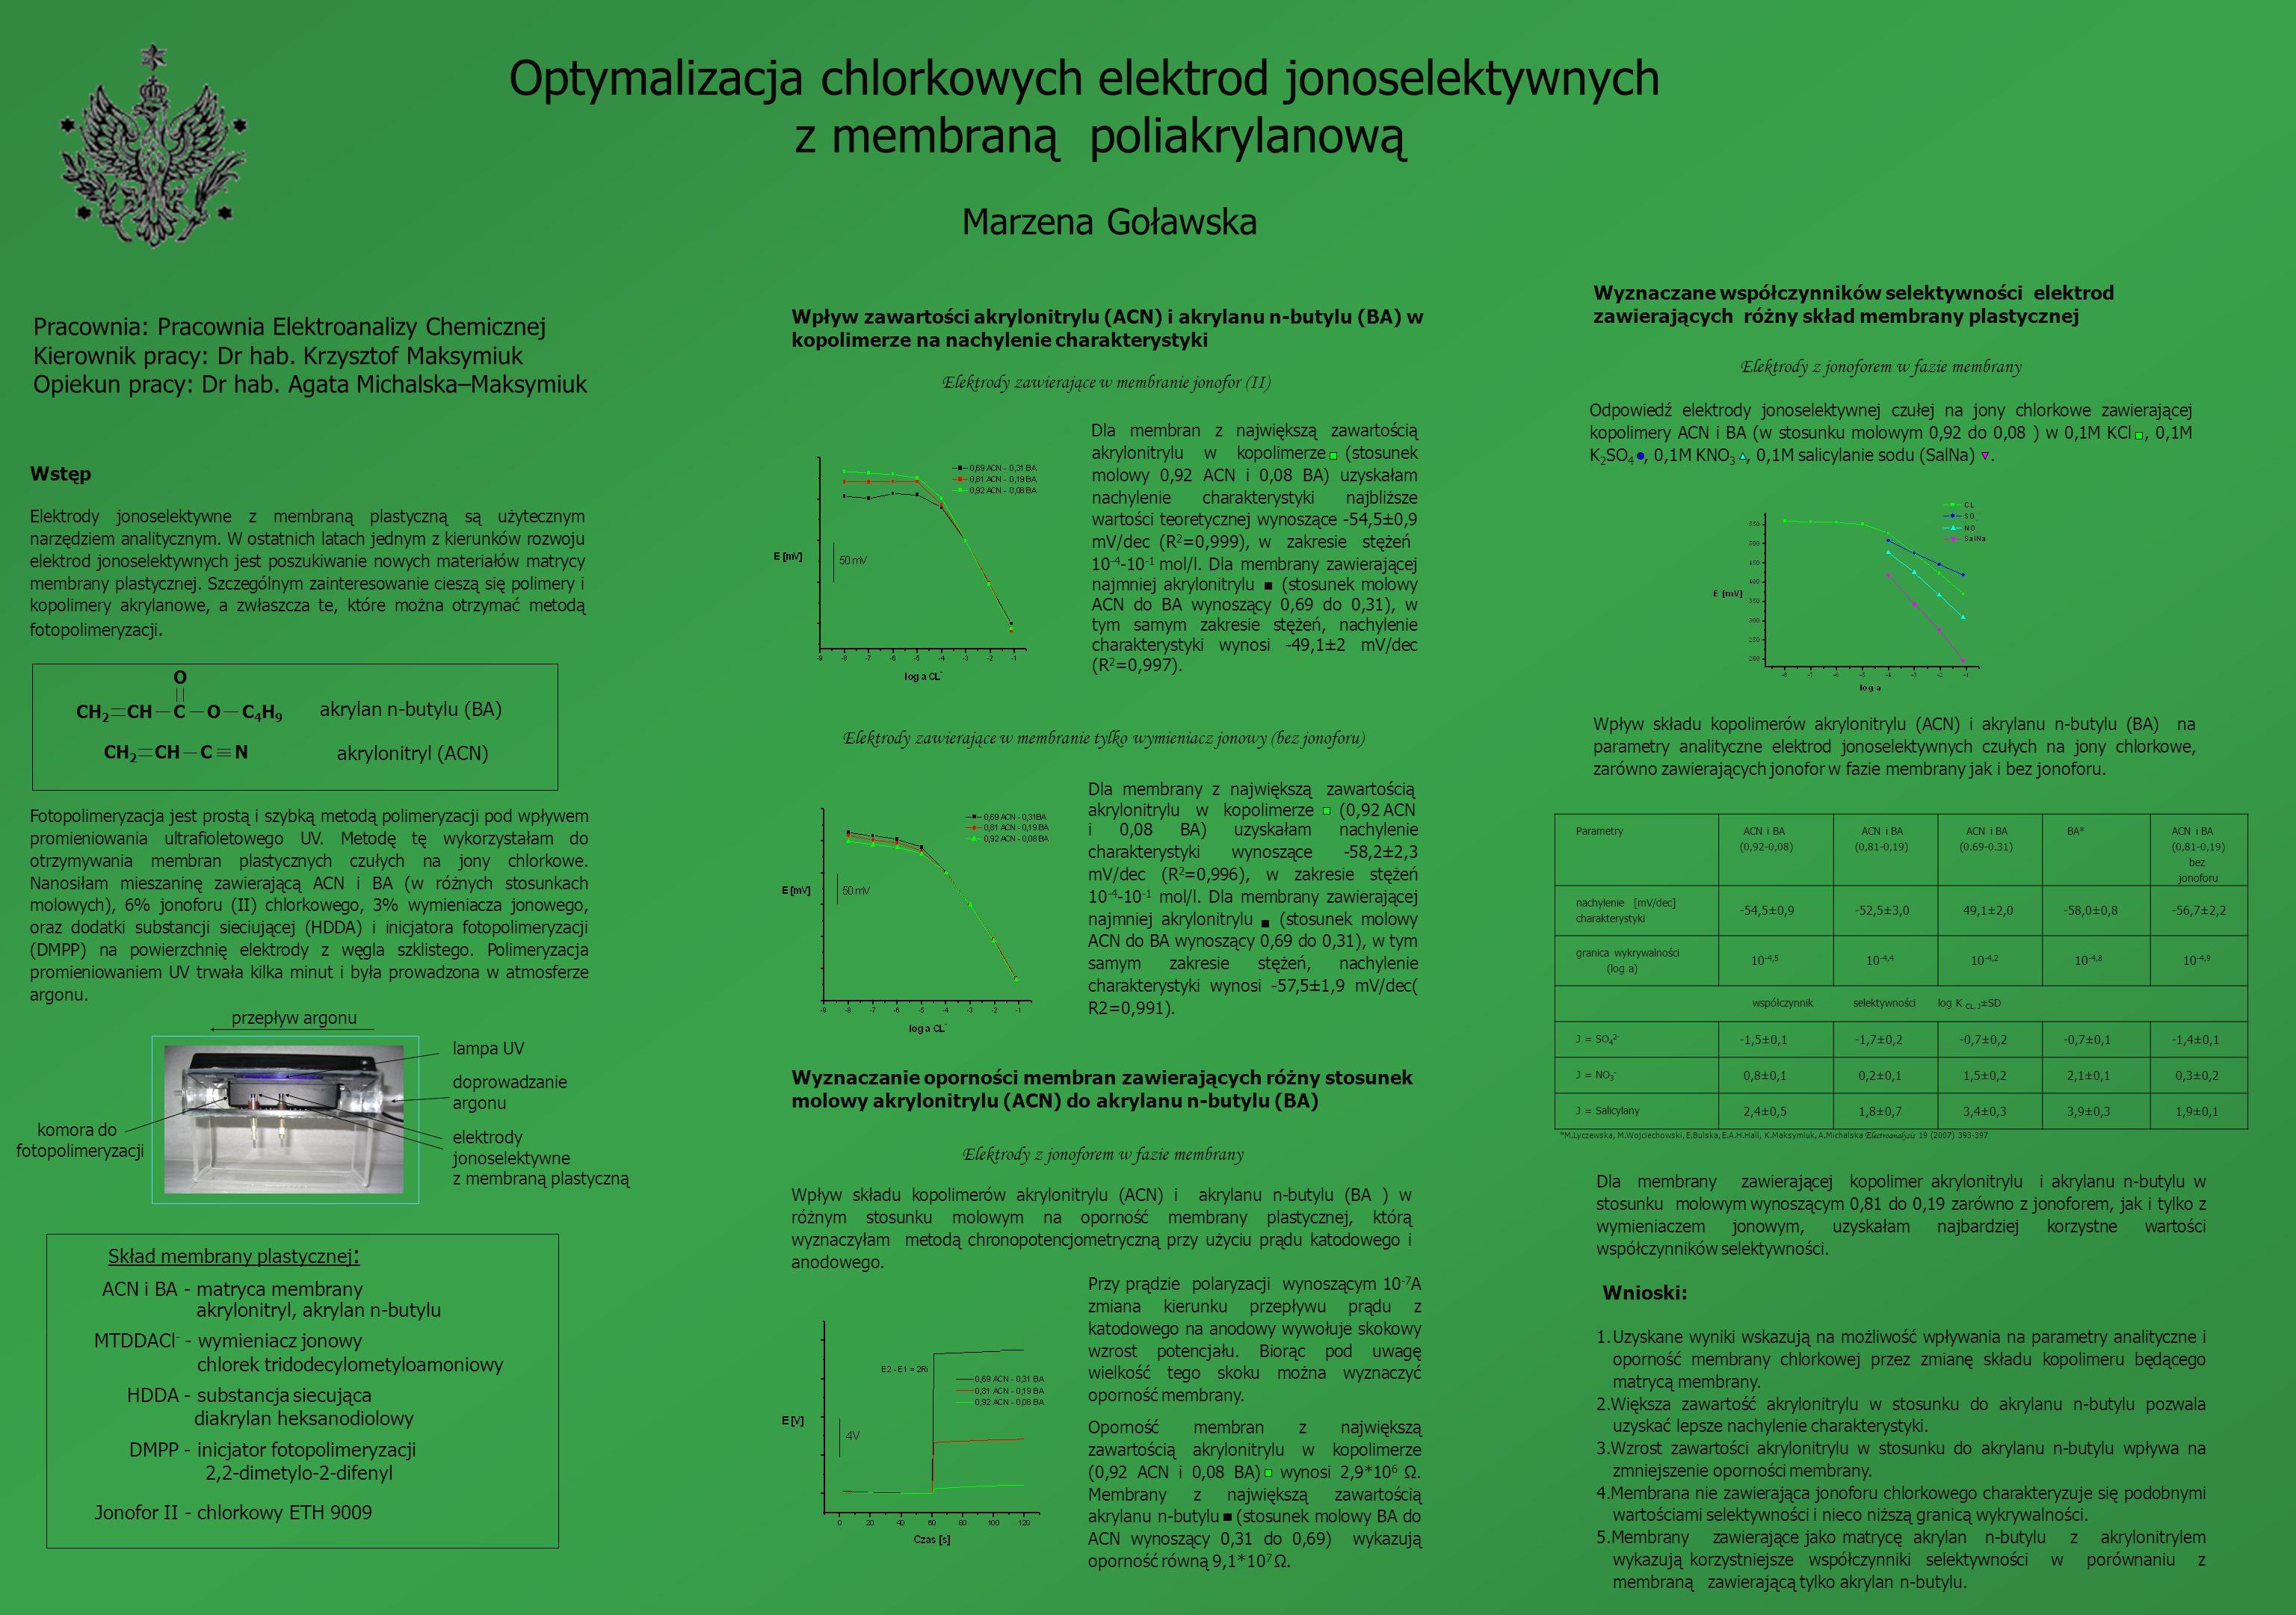 Odpowiedź elektrody jonoselektywnej czułej na jony chlorkowe zawierającej kopolimery ACN i BA (w stosunku molowym 0,92 do 0,08 ) w 0,1M KCl, 0,1M K 2